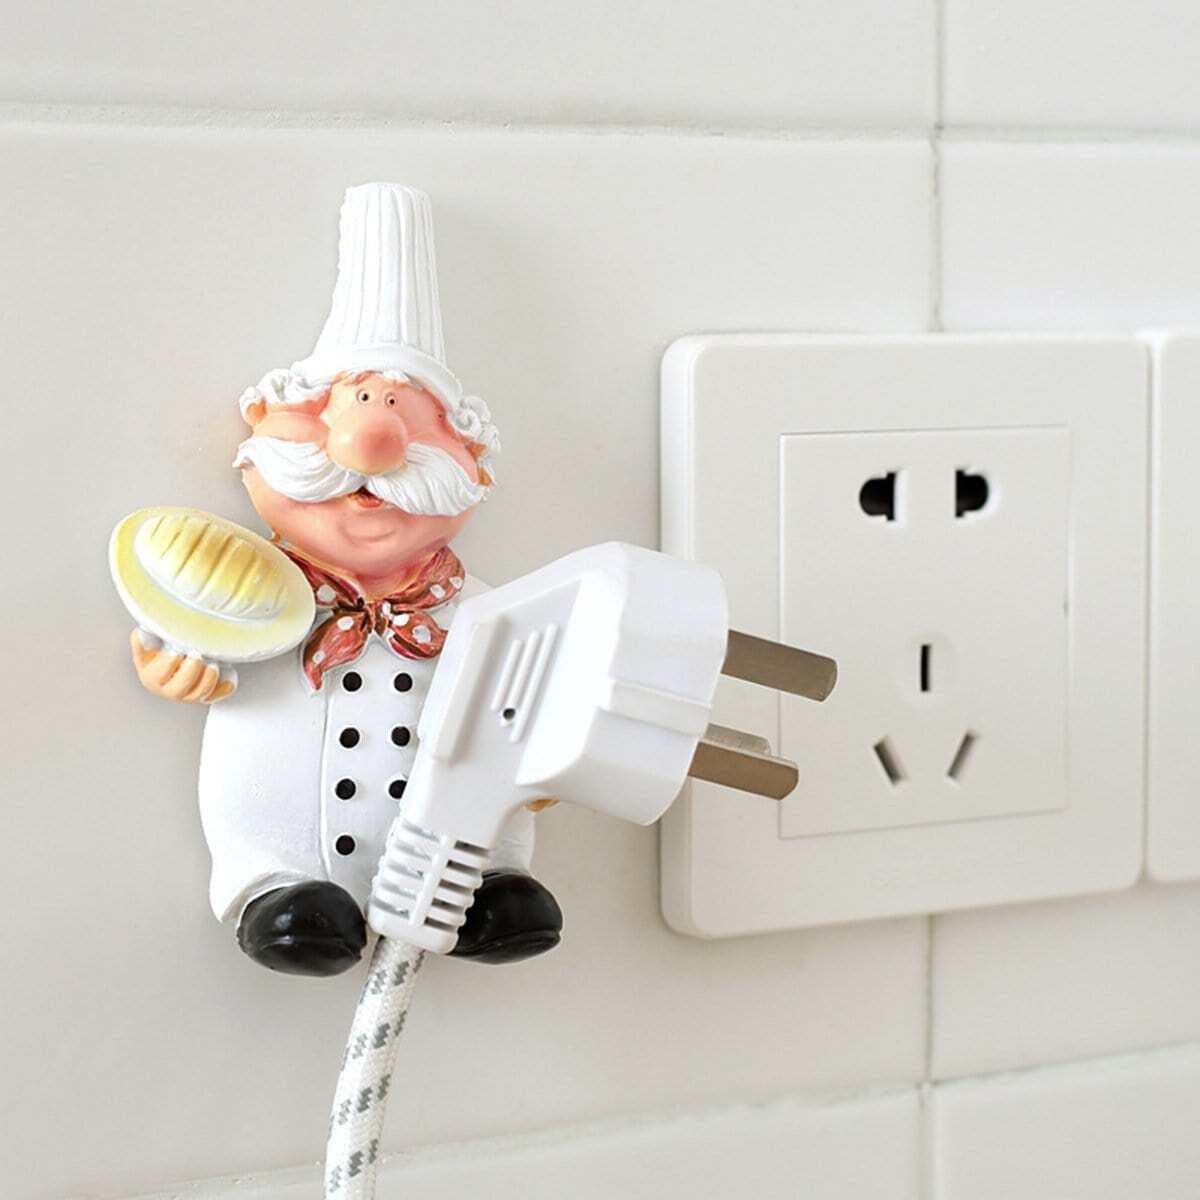 Wit Keukengereedschap